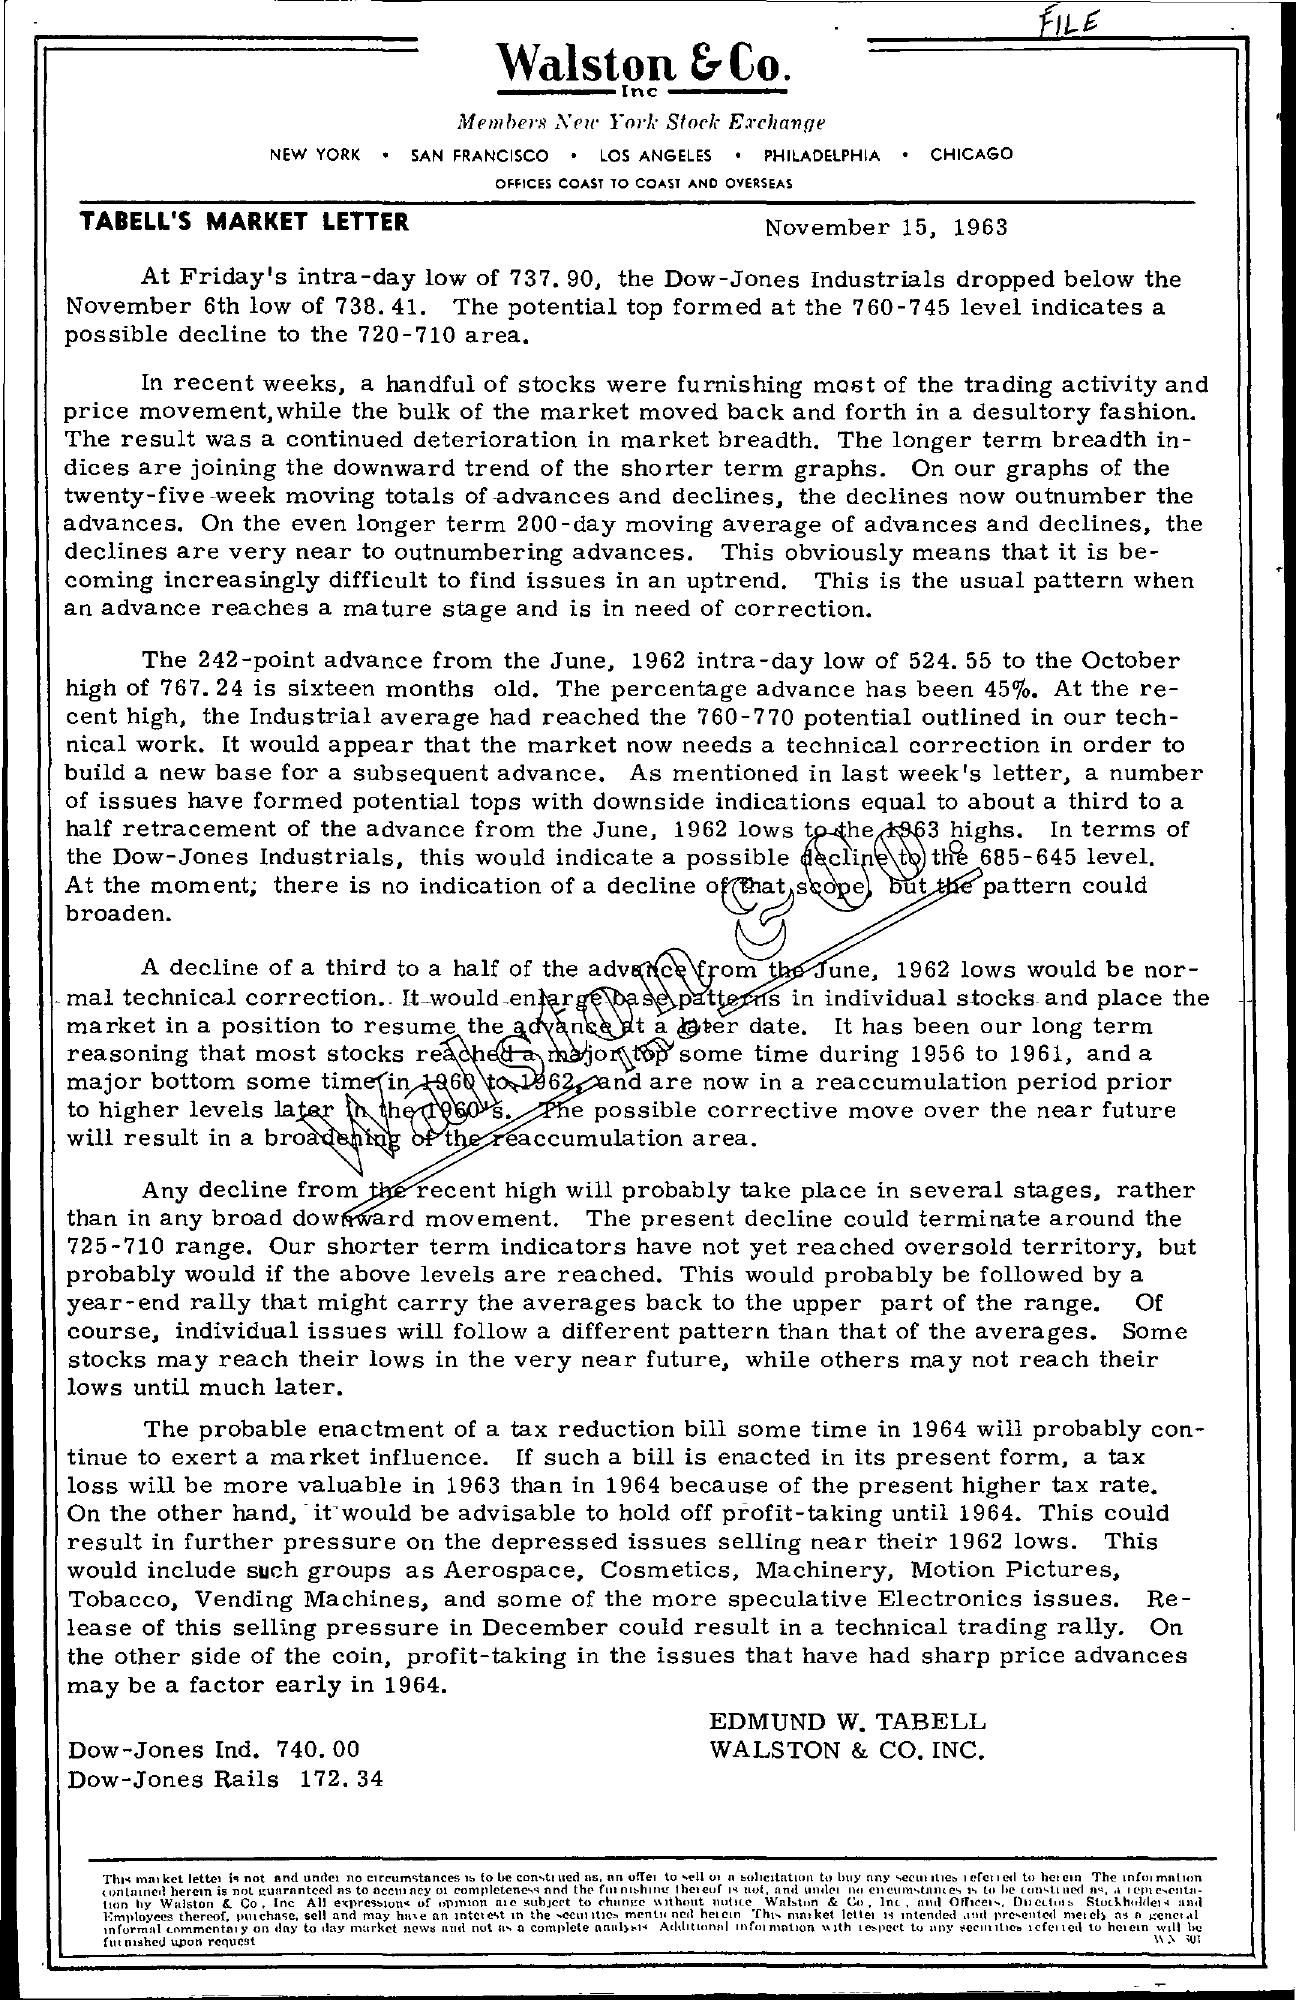 Tabell's Market Letter - November 15, 1963